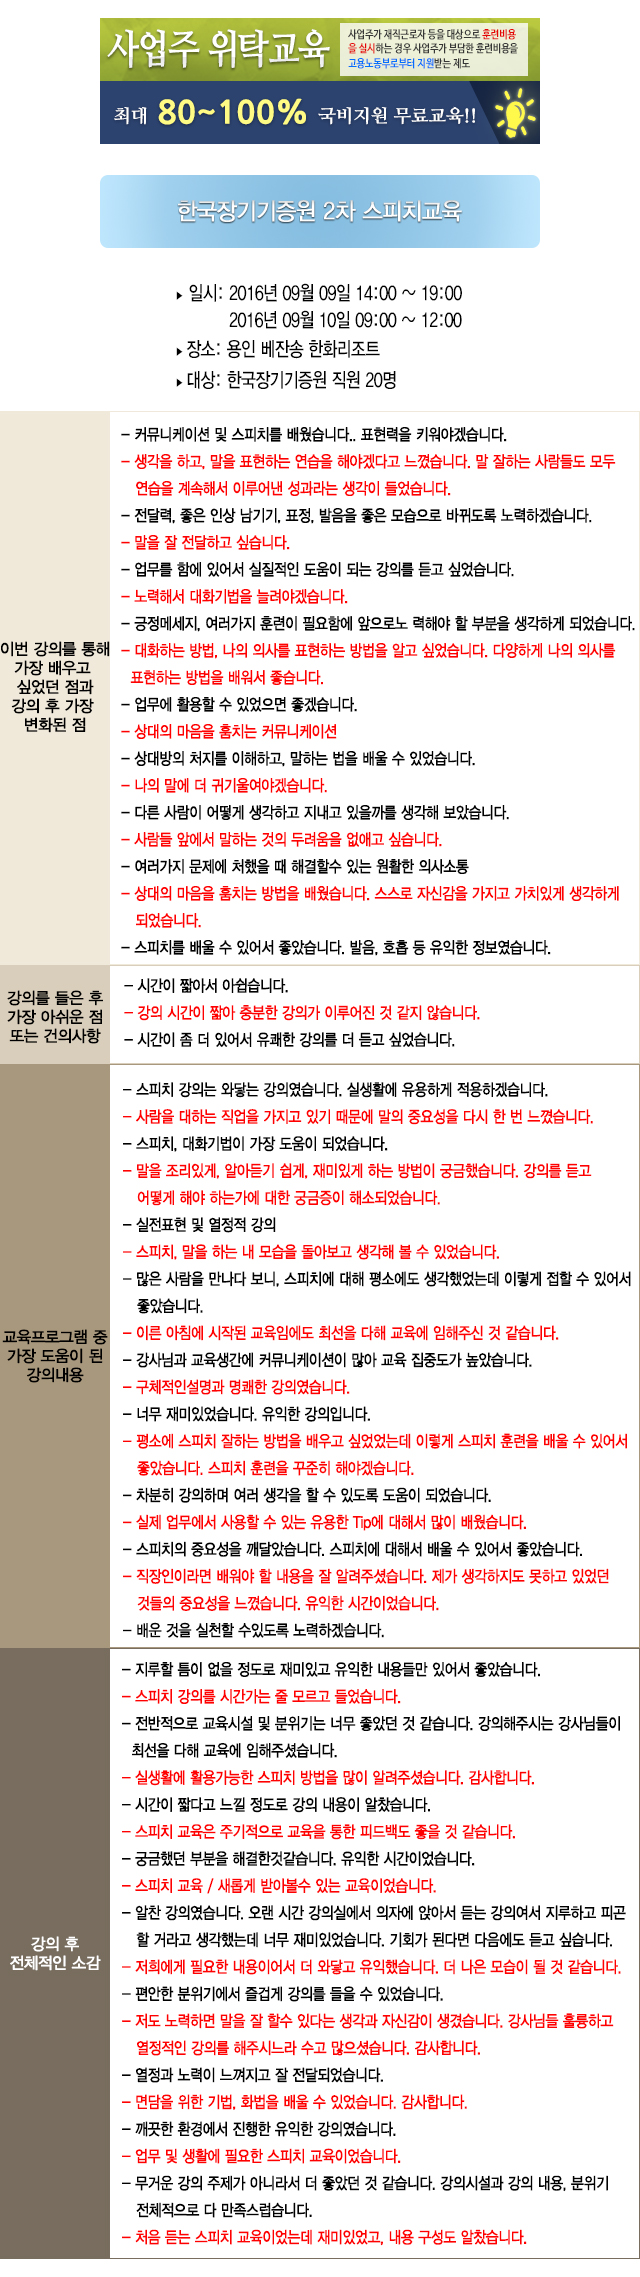 한국중앙인재개발 후기 한국장기기증원 2차.jpg